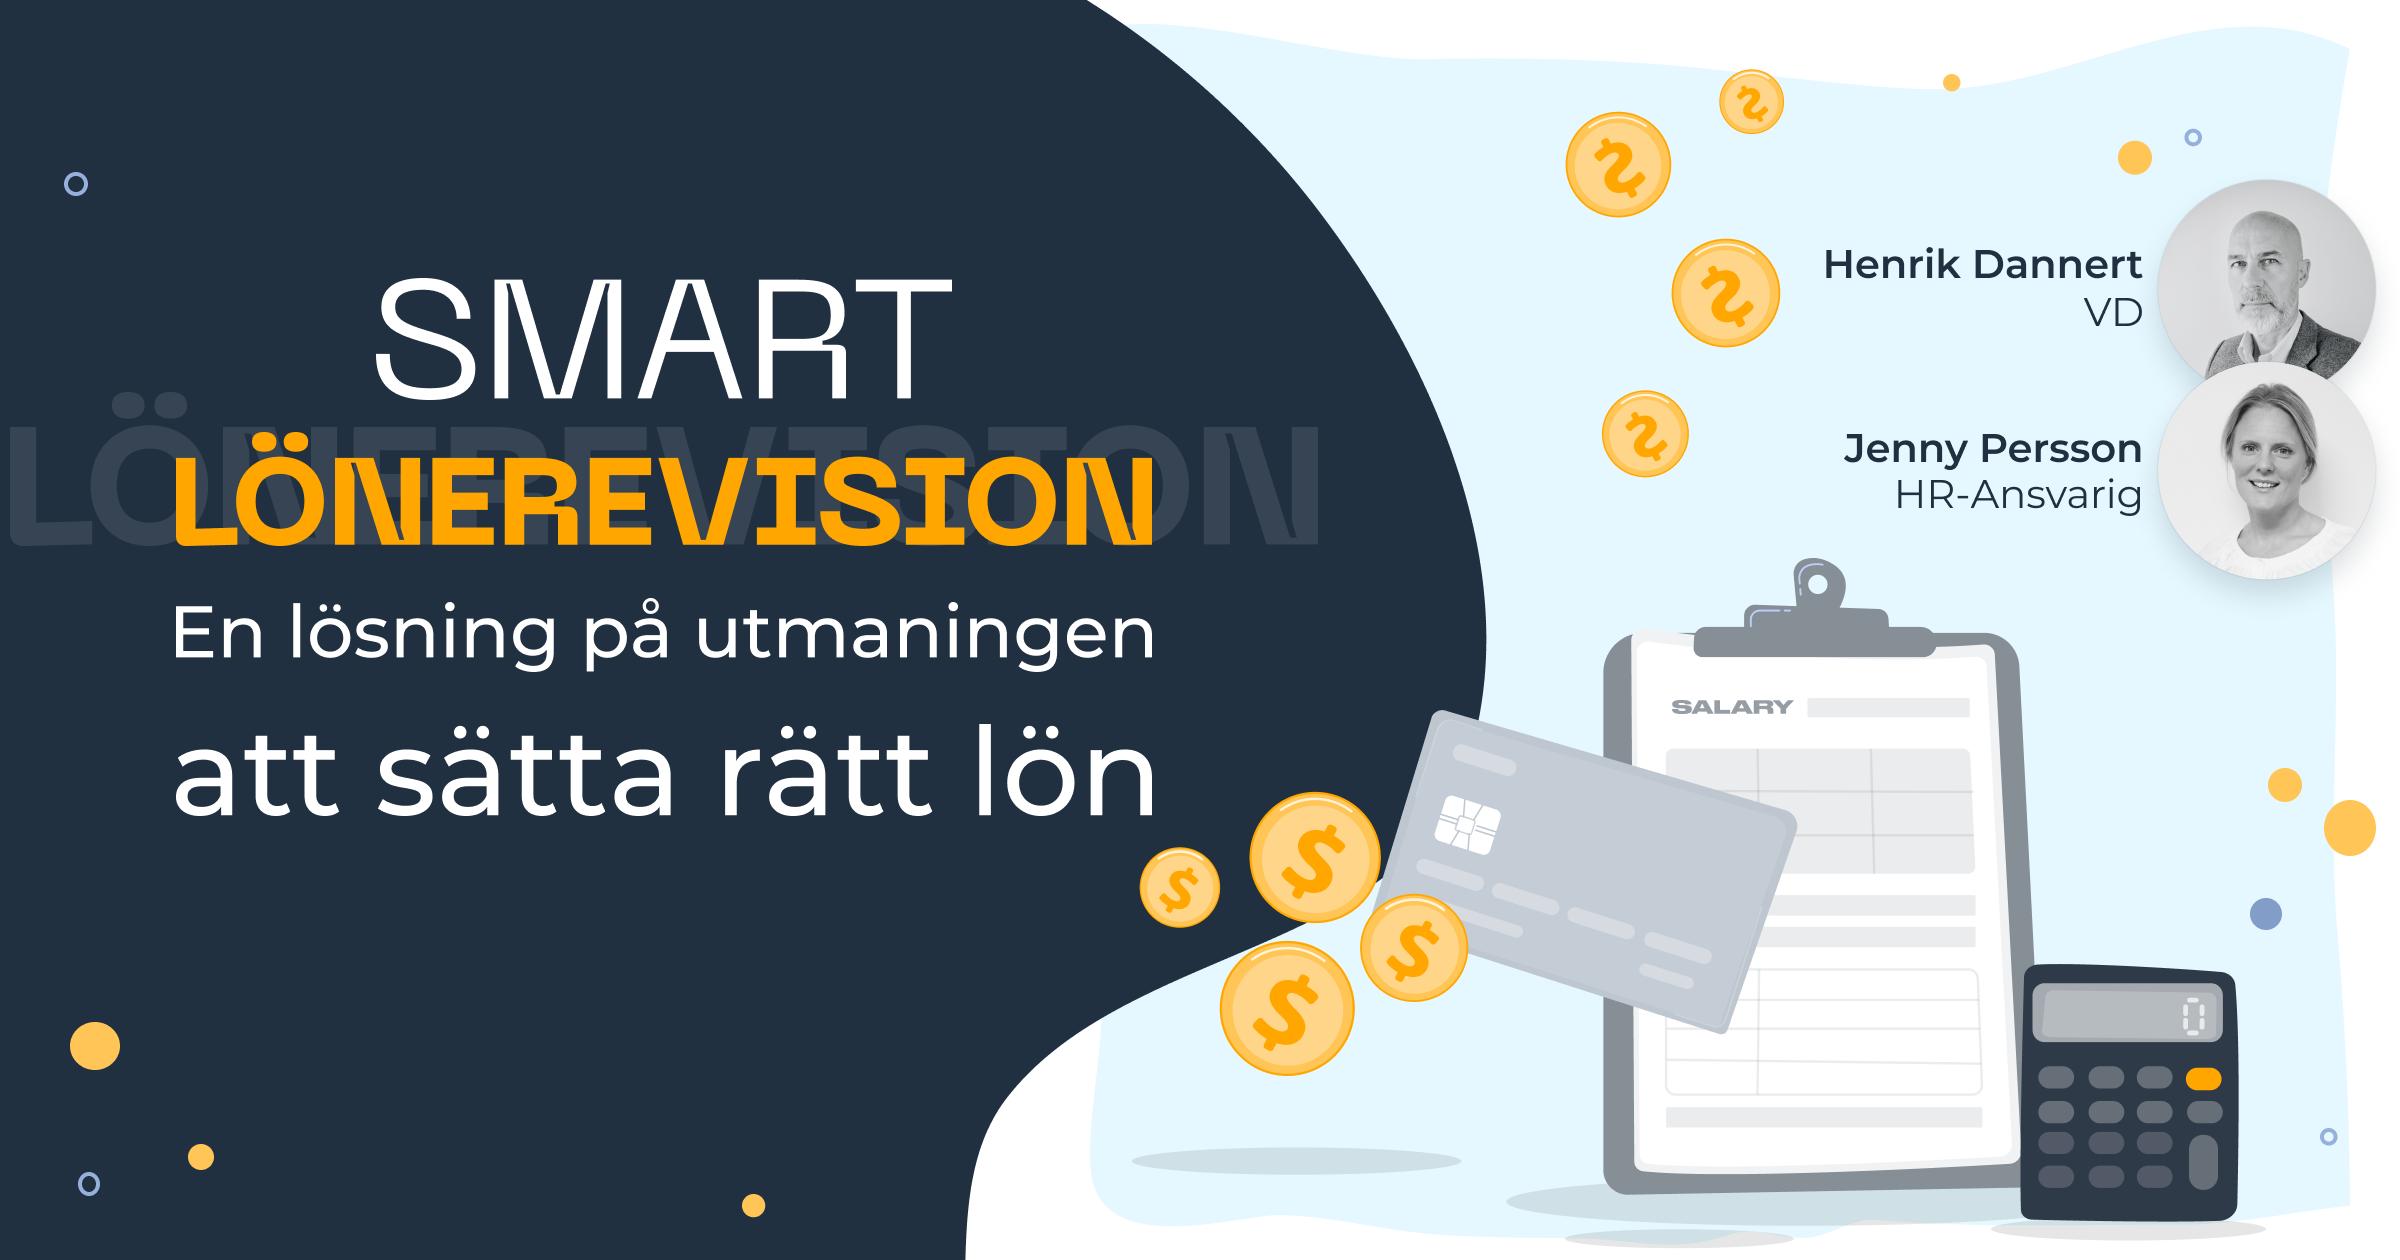 SMART Lönerevision - En lösning på utmaningen att sätta rätt lön